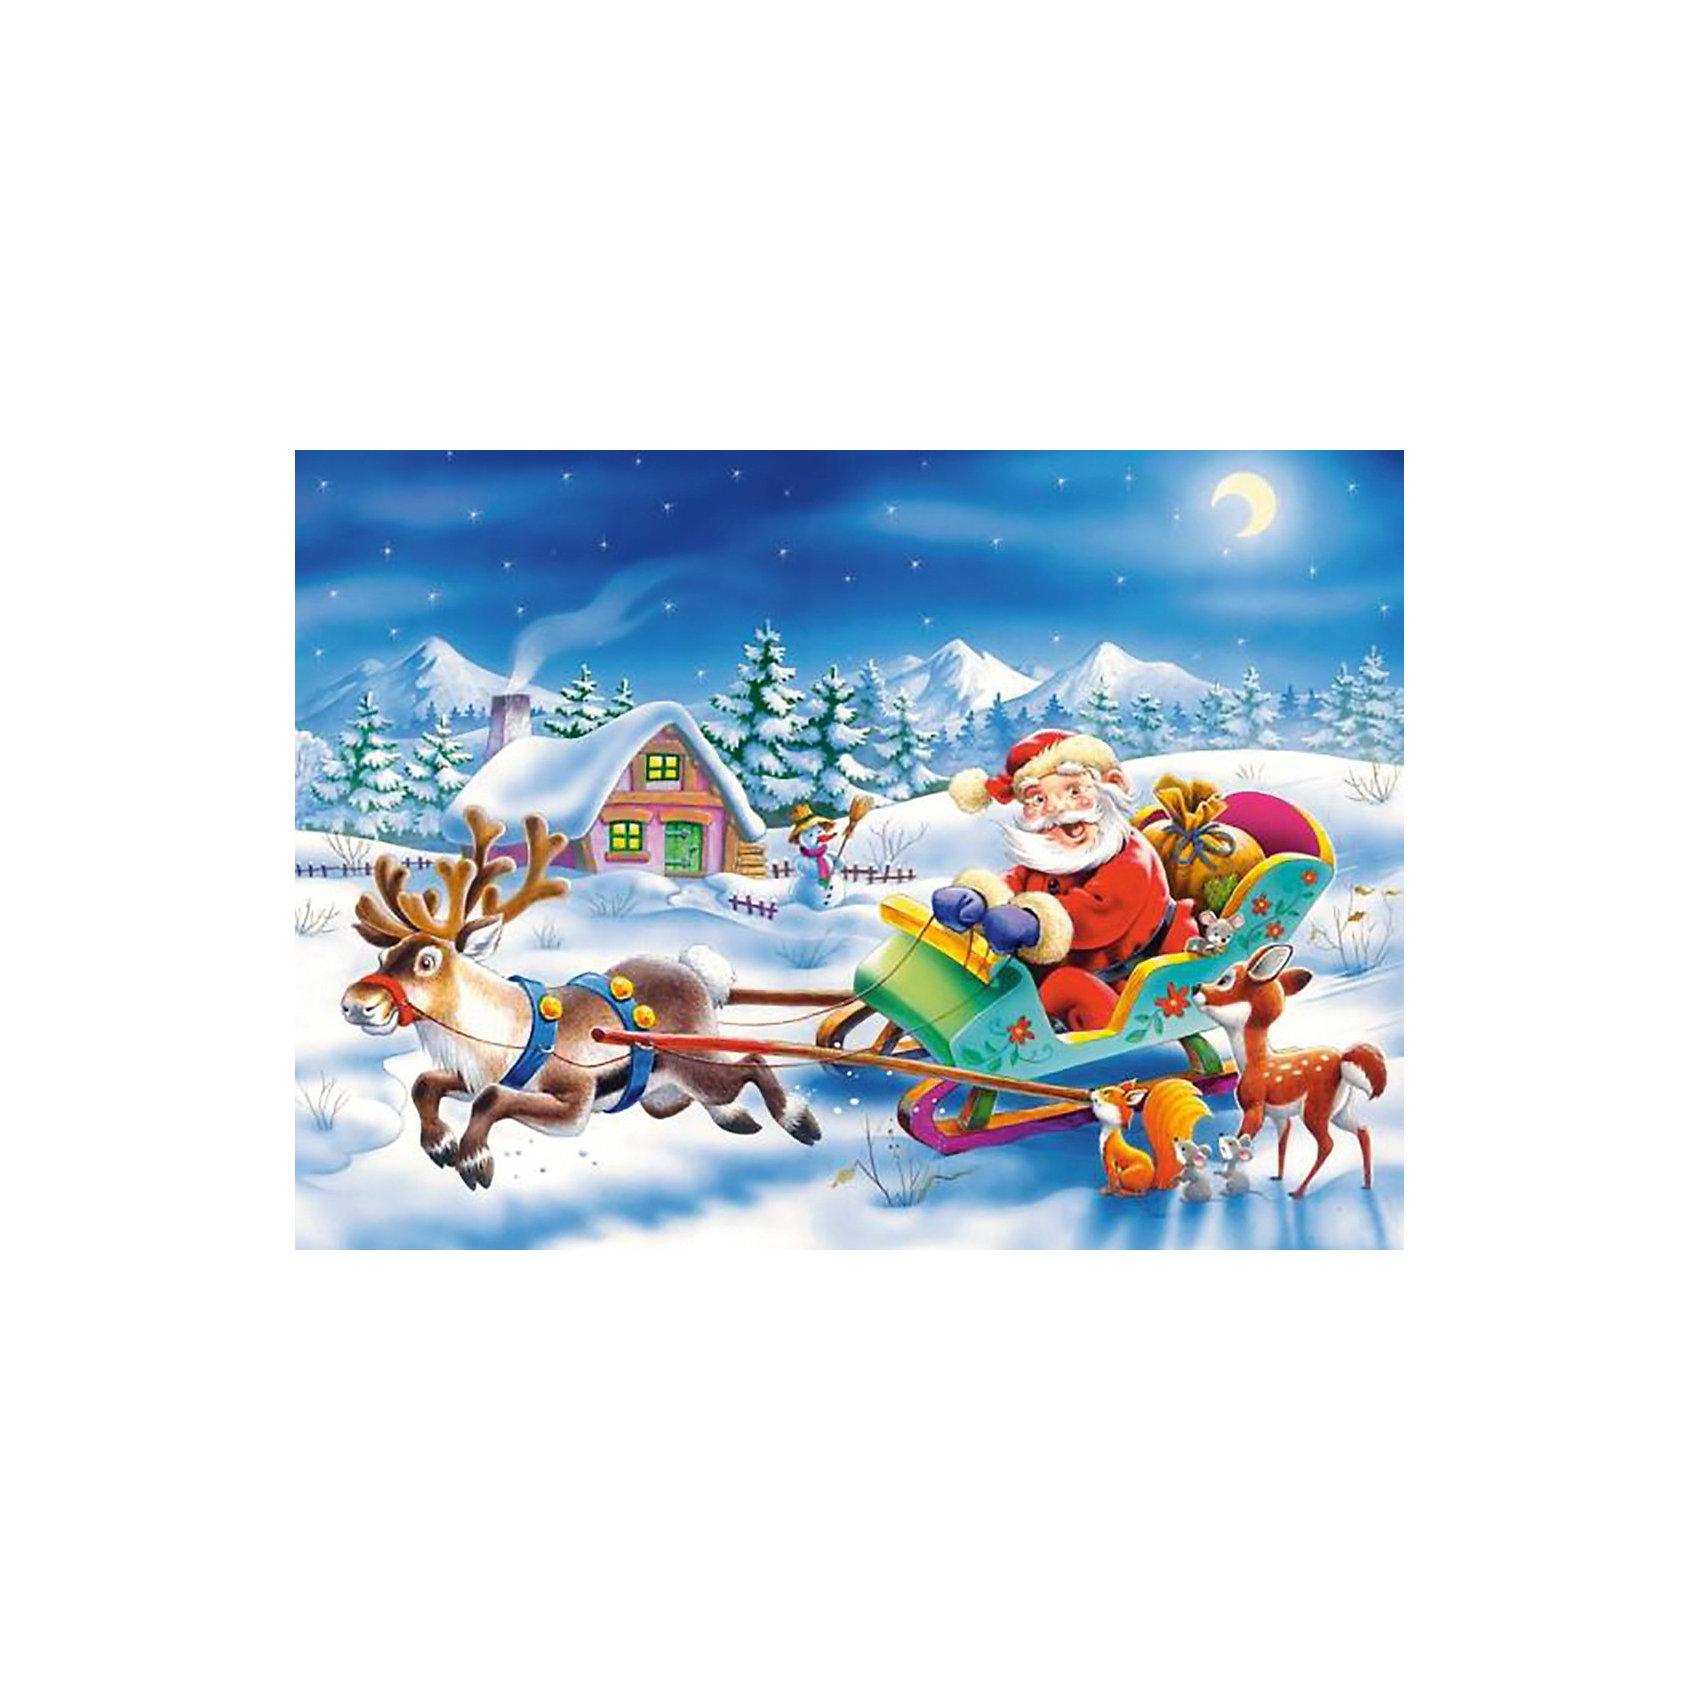 Пазл Рождество, 260 деталей , CastorlandПазлы для детей постарше<br>Рождество – чудесный праздник! <br>Пазл «Рождество» от Castorland (Касторленд) с высоким качеством полиграфии, насыщенной цветовой гаммой и интересным сюжетом совершенно точно понравится ребенку. Благодаря точной нарезке, детали пазла прочно состыковываются, принося массу положительных эмоций тем, кто его собирает. Очутись в атмосфере праздника с пазлом «Рождество» от Castorland (Касторленд)!<br><br>Дополнительная информация:<br><br>- Прекрасный подарок на Новый Год;<br>- Уникальное качество деталей;<br>- Развивает: воображение, логику, мелкую моторику, память;<br>- Размер упаковки: 17,6 x 24,5 x 3,6 см;<br>- Размер готовой картинки: 32 х 23 см;<br>- Вес: 150 г<br><br><br>Пазл «Рождество»,  260 деталей, Castorland (Касторленд)  можно купить в нашем интернет-магазине.<br><br>Ширина мм: 180<br>Глубина мм: 40<br>Высота мм: 130<br>Вес г: 150<br>Возраст от месяцев: 60<br>Возраст до месяцев: 120<br>Пол: Унисекс<br>Возраст: Детский<br>Количество деталей: 260<br>SKU: 3849133